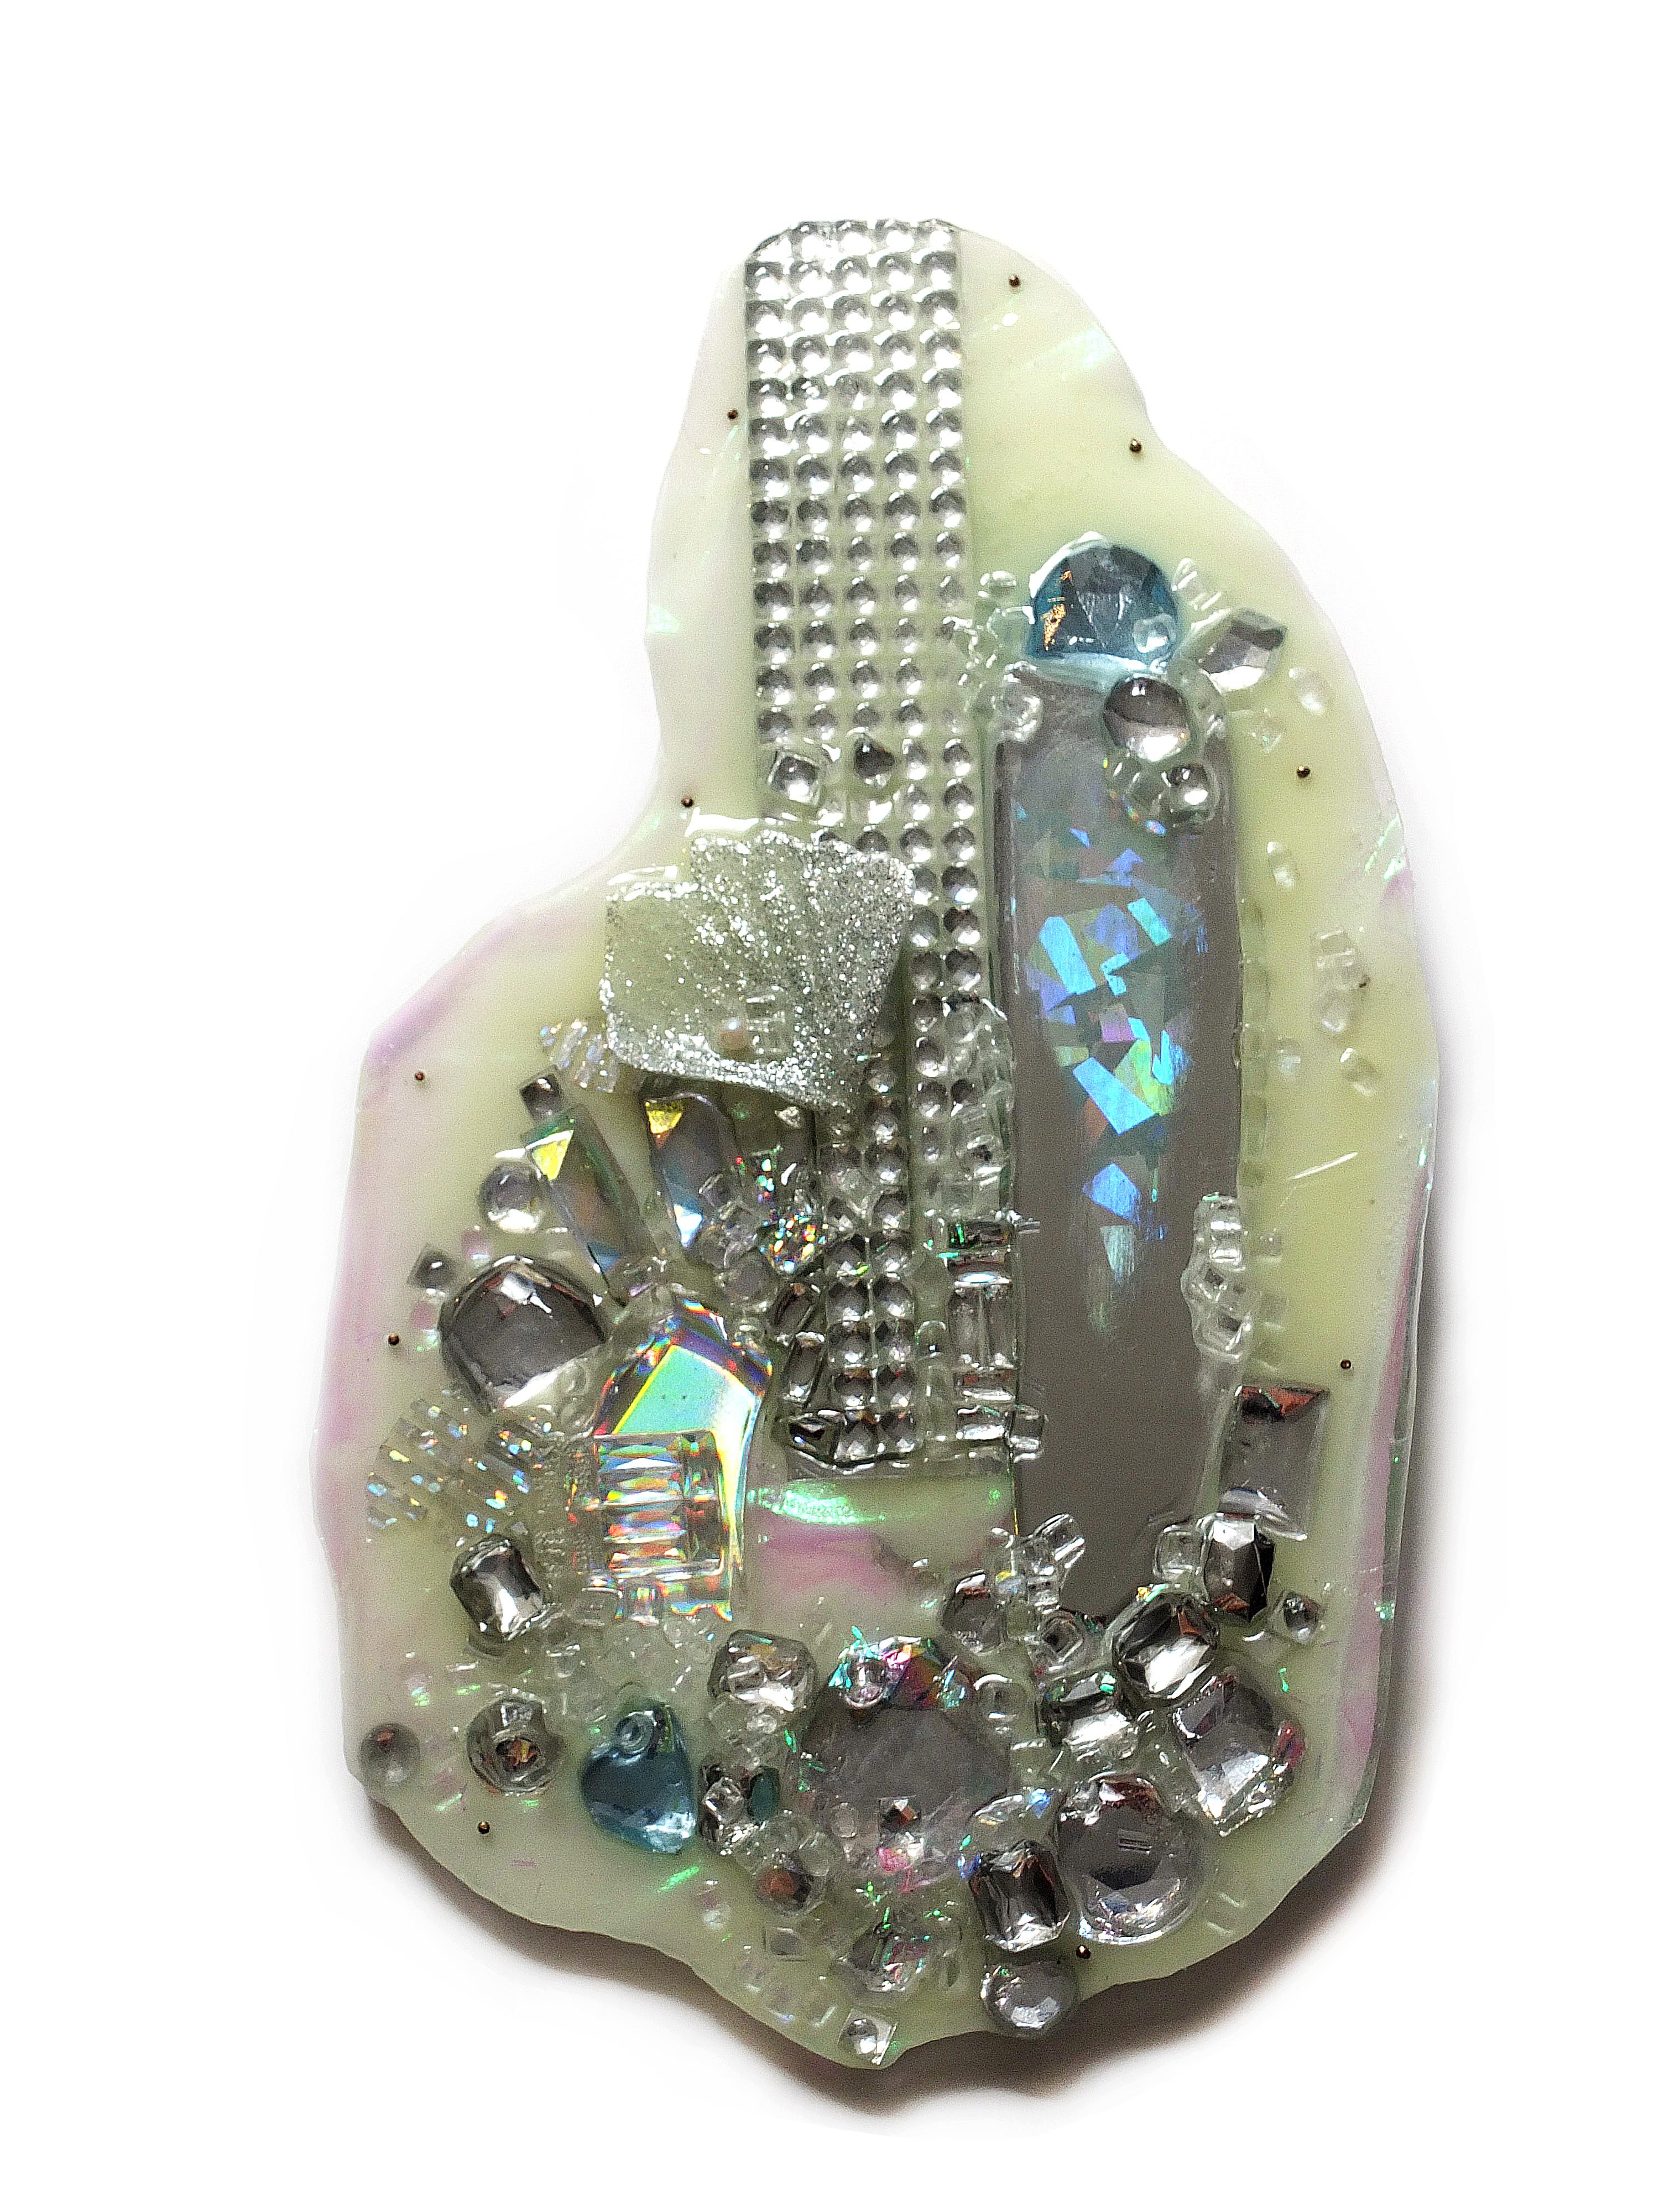 Nikki Couppee, Glow Brooch, Plexiglass, brass, found objects